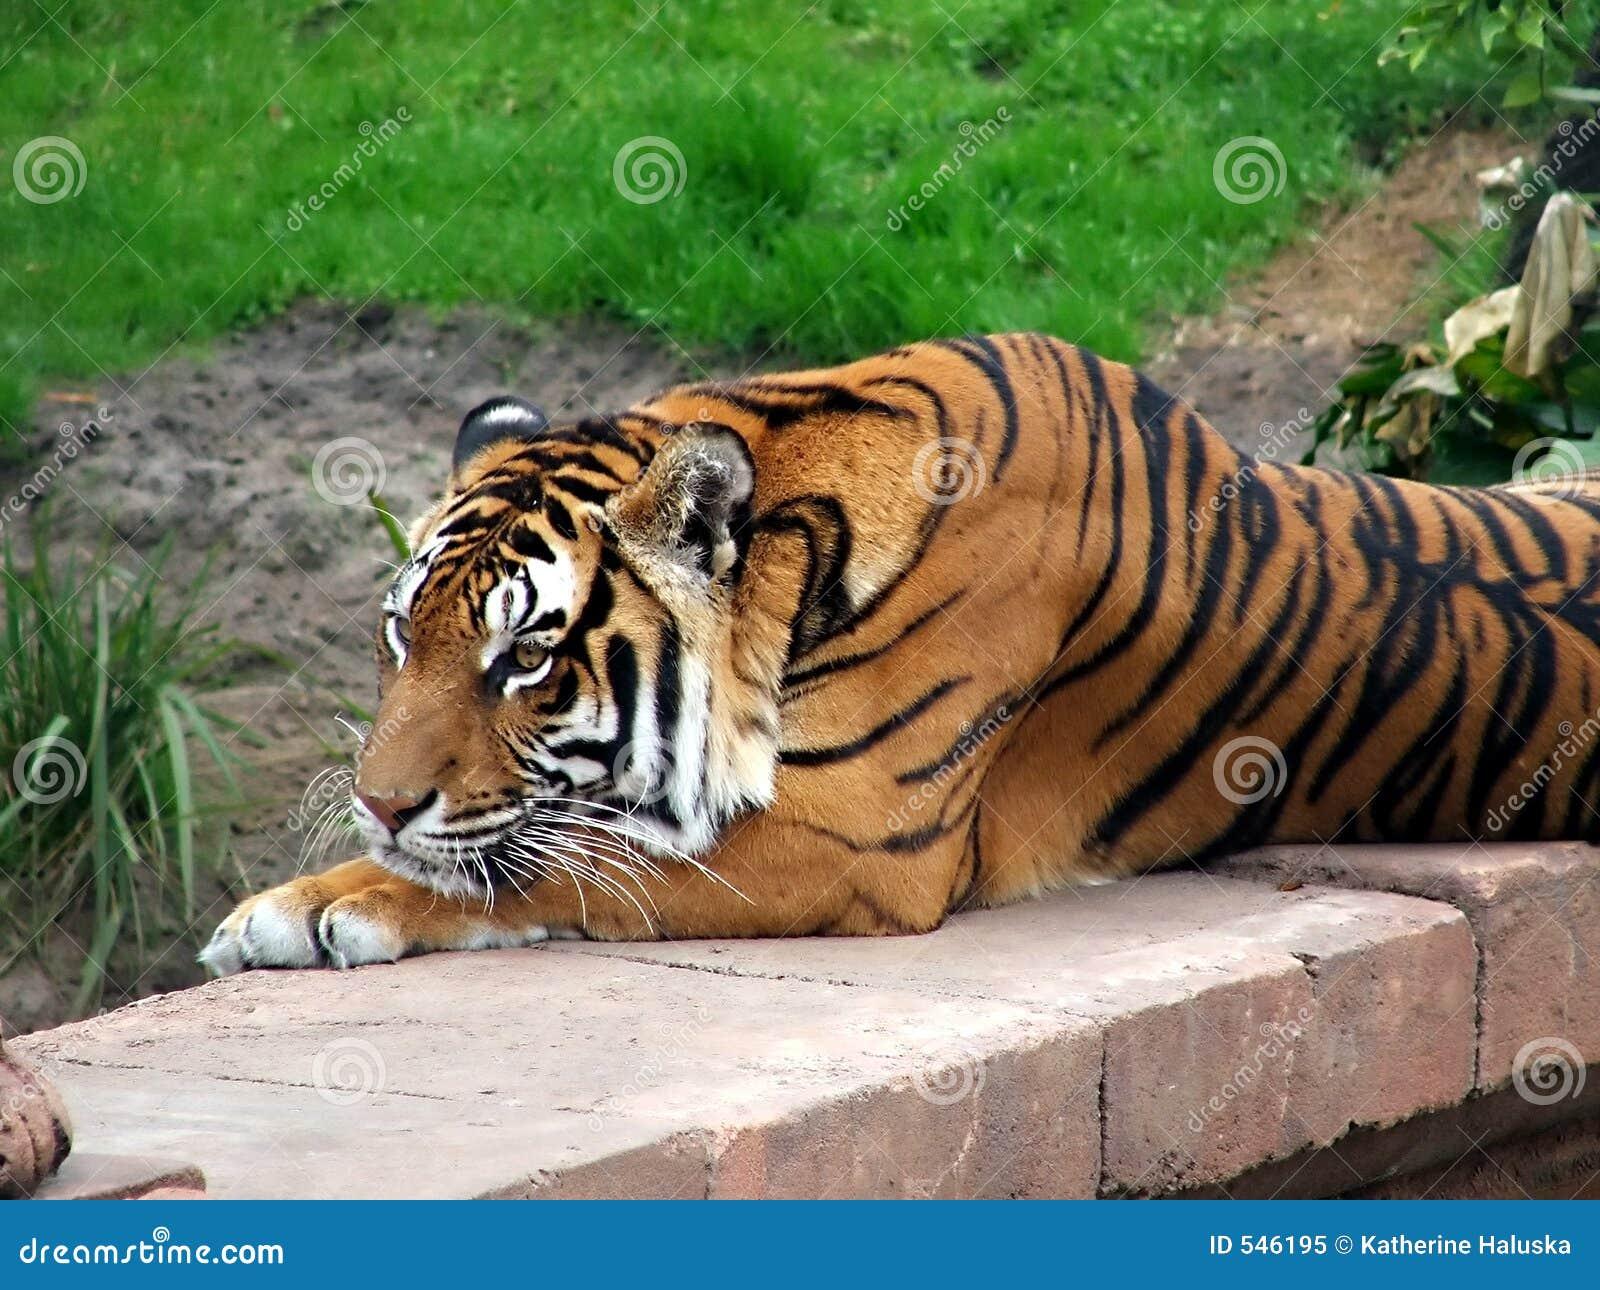 Download 其它老虎 库存图片. 图片 包括有 似猫, 野生生物, 数据条, 强大, 橙色, 敌意, 哺乳动物, 老虎, 投反对票 - 546195